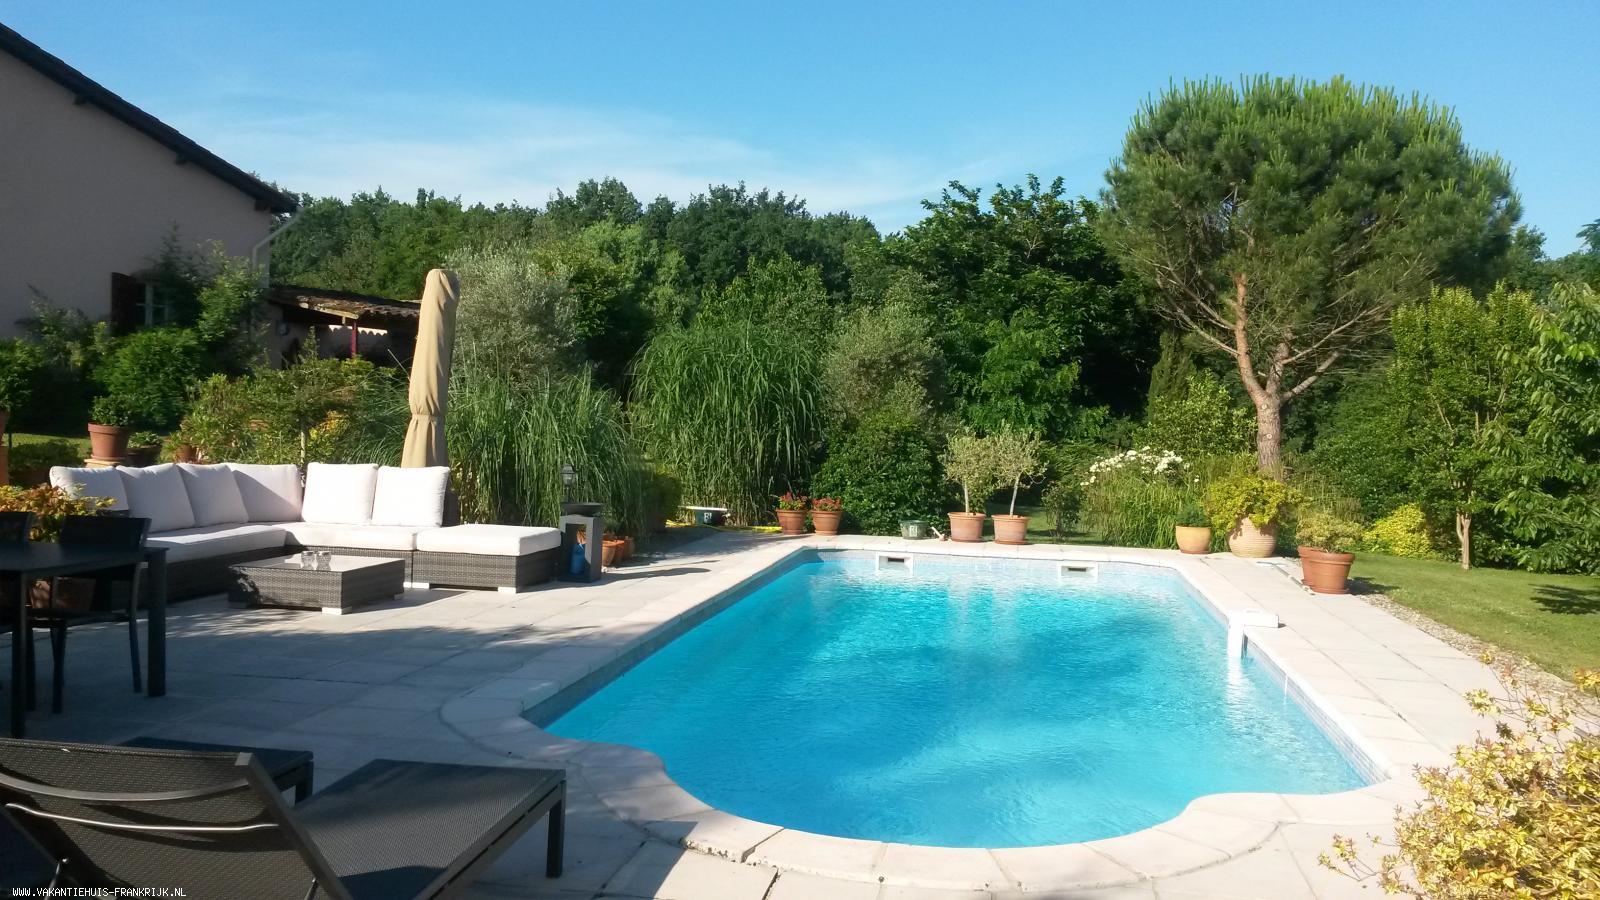 Vakantiehuis: Luxe en sfeervolle gîte met zwembad in een rustige omgeving te huur voor uw vakantie in Tarn et Garonne (Frankrijk)